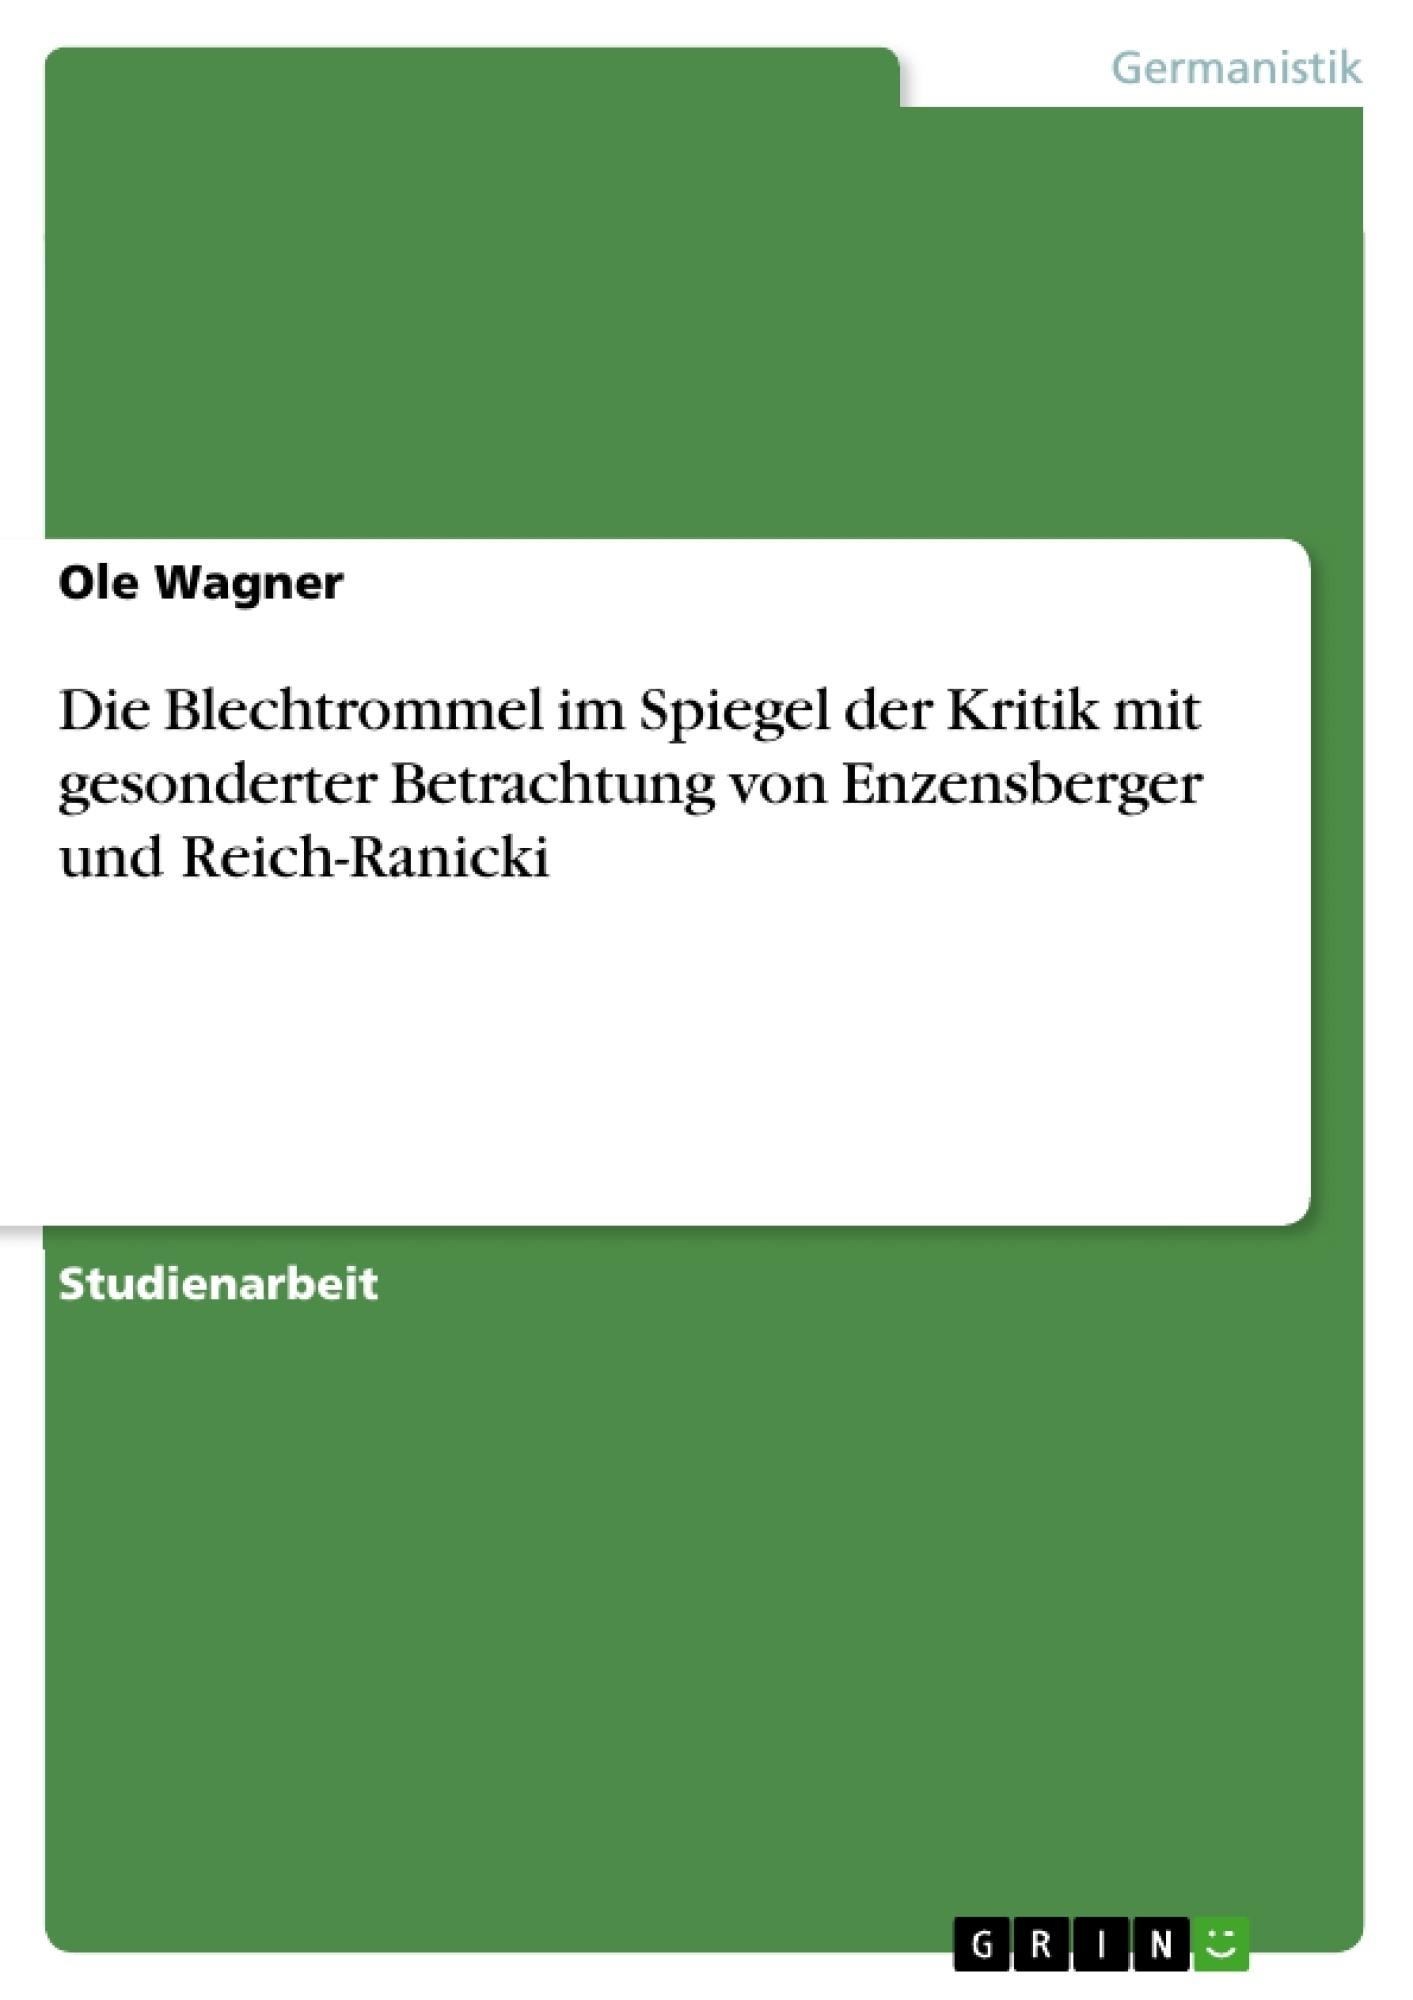 Titel: Die Blechtrommel im Spiegel der Kritik mit gesonderter Betrachtung von Enzensberger und Reich-Ranicki